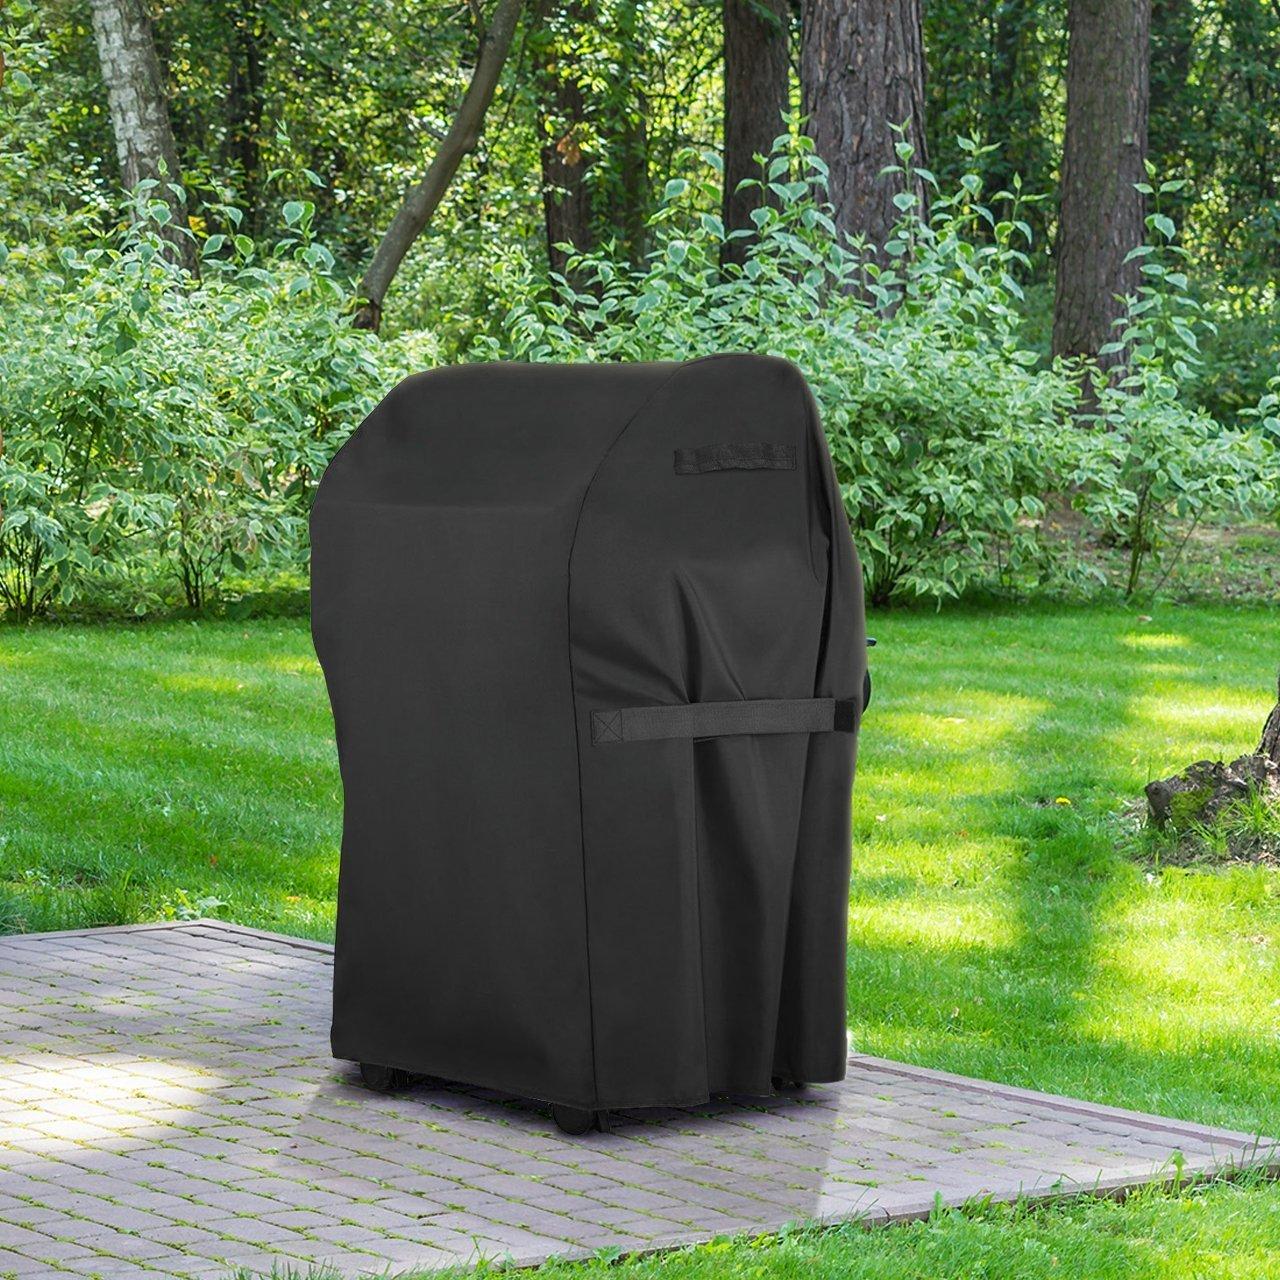 Housse B/âche de Protection BBQ Couverture de Gril Anti-UV//Anti-leau//Anti-lHumidit/é pour Holland Brinkmann et Char Broil JennAir Housse Barbecue 76 * 66 * 109cm HOMASY